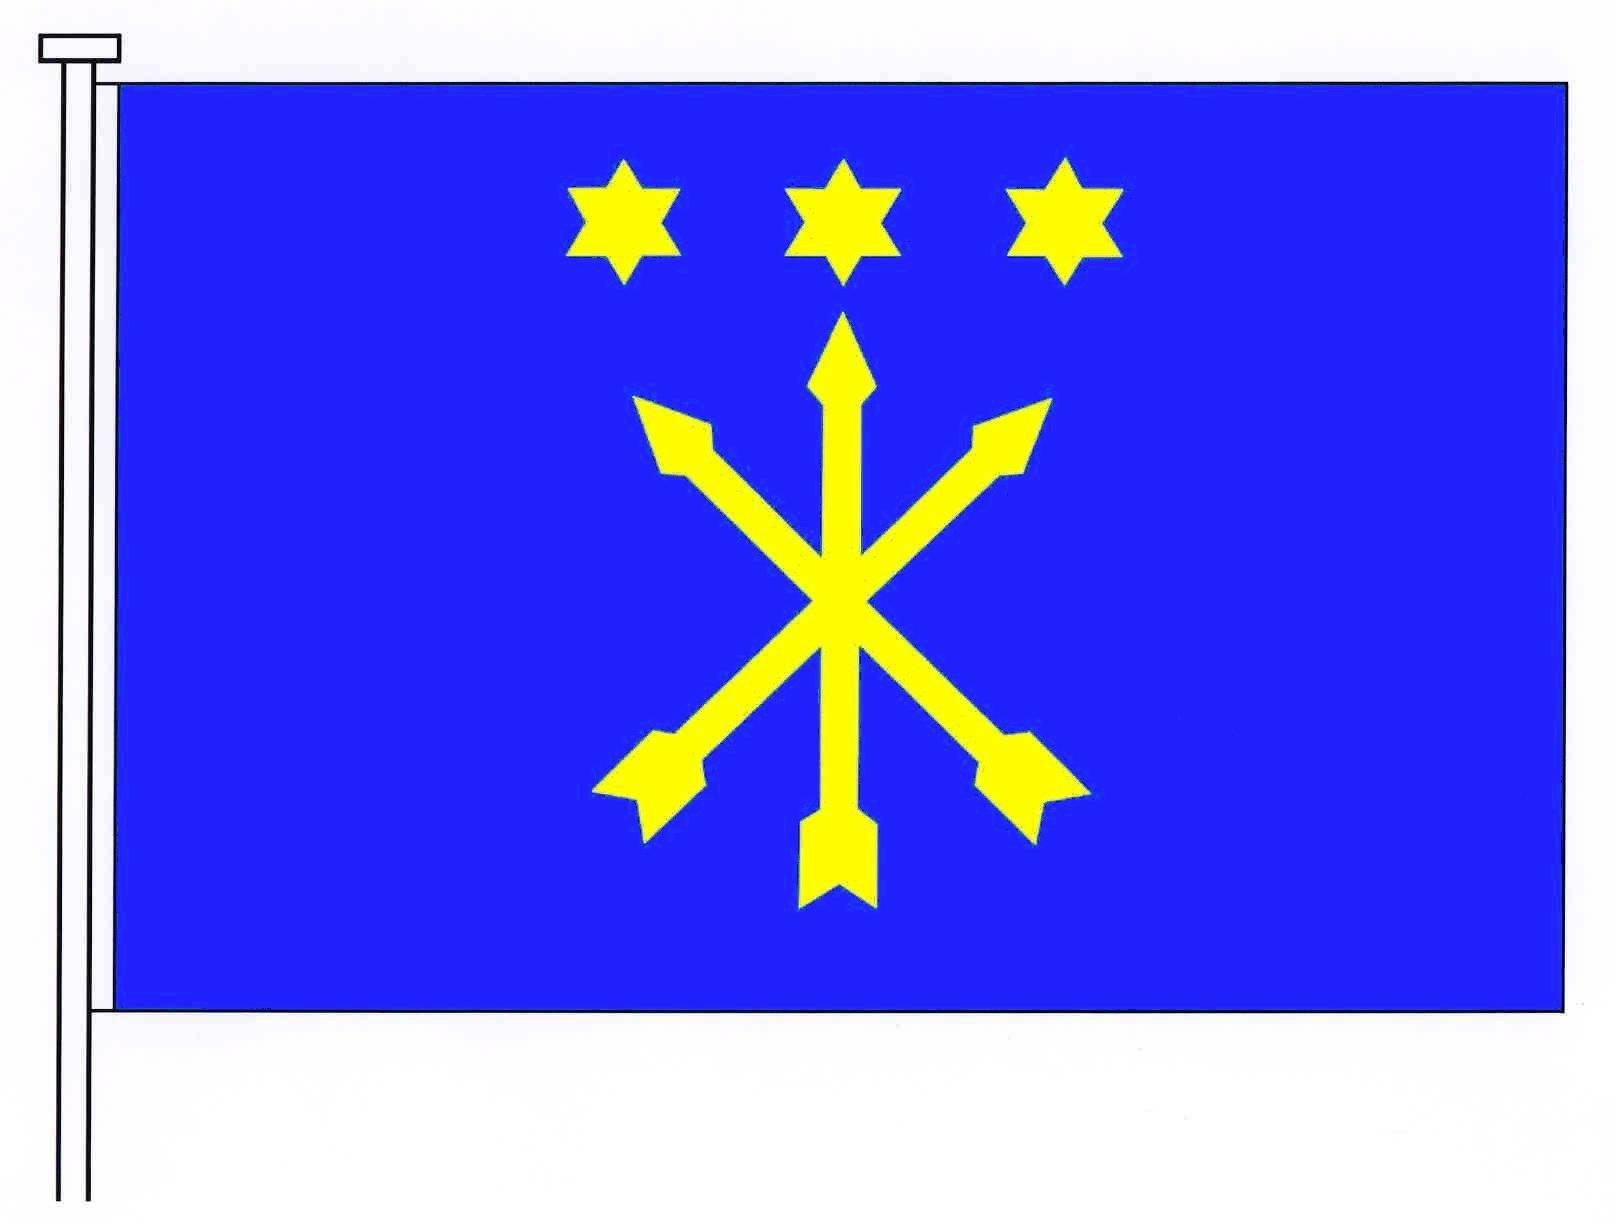 Flagge GemeindeStockelsdorf, Kreis Ostholstein